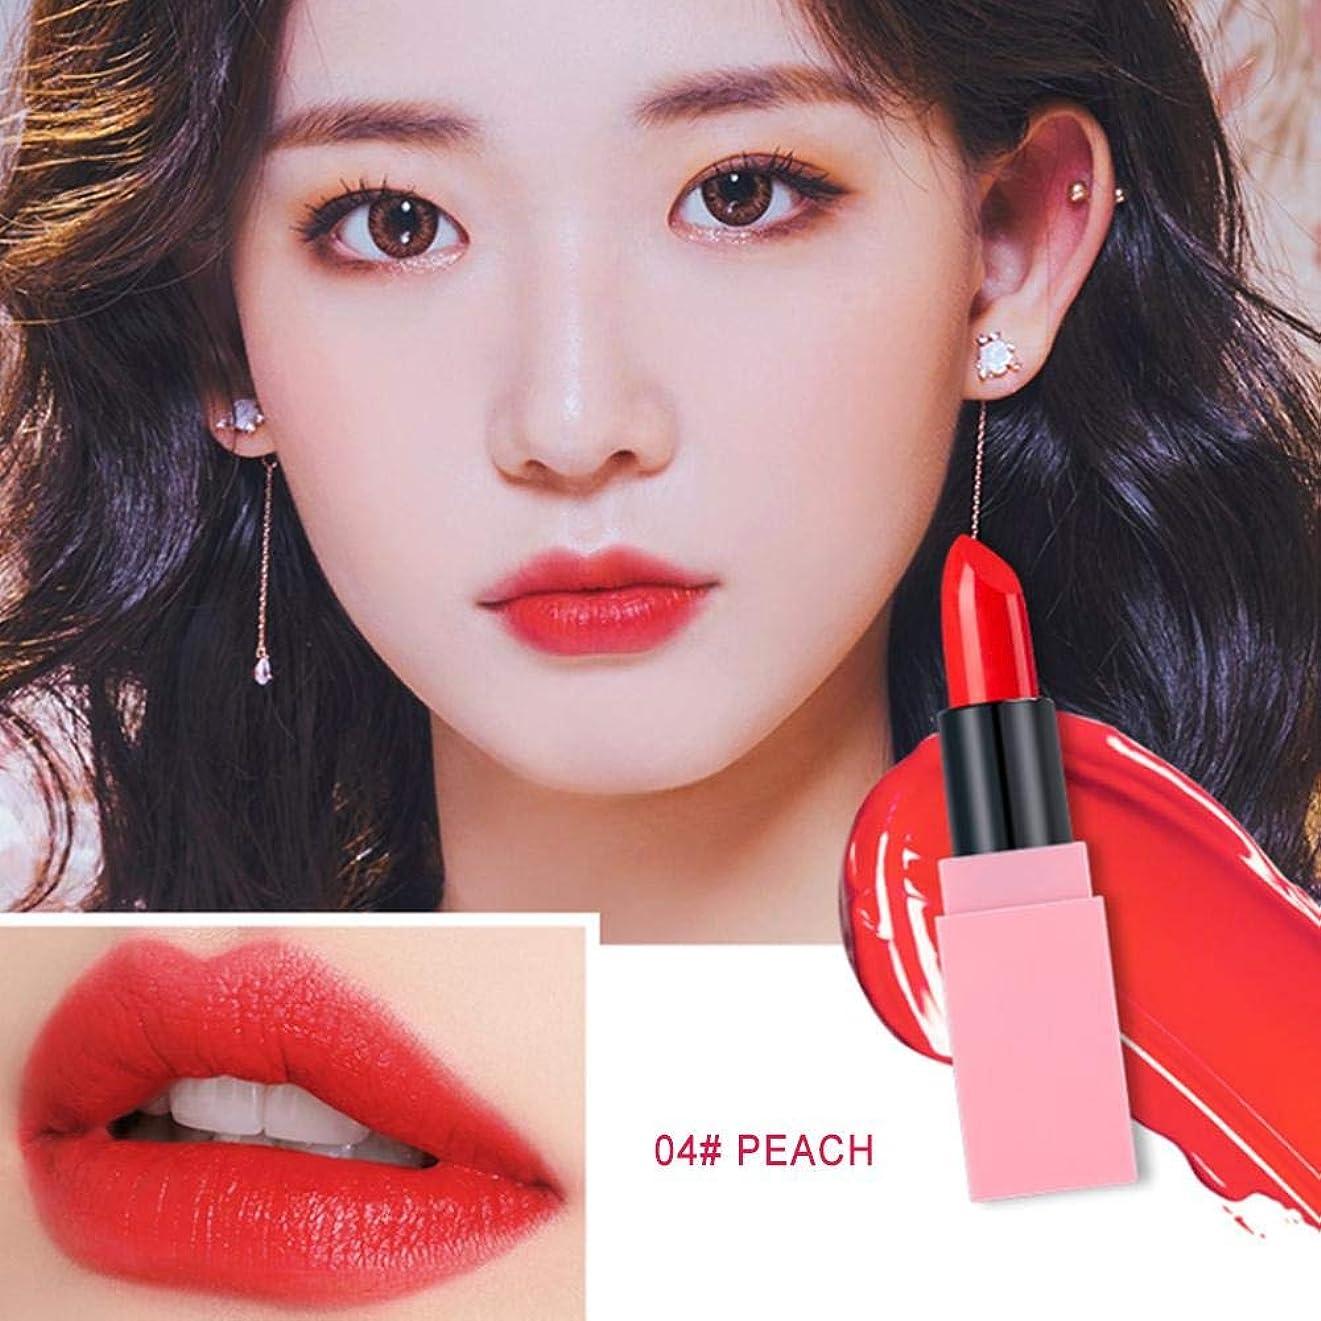 ほのかゴージャスオリエント口紅、Spring Makeup Cherry Blossom Colorinaのためのロマンチックな桜の口紅。